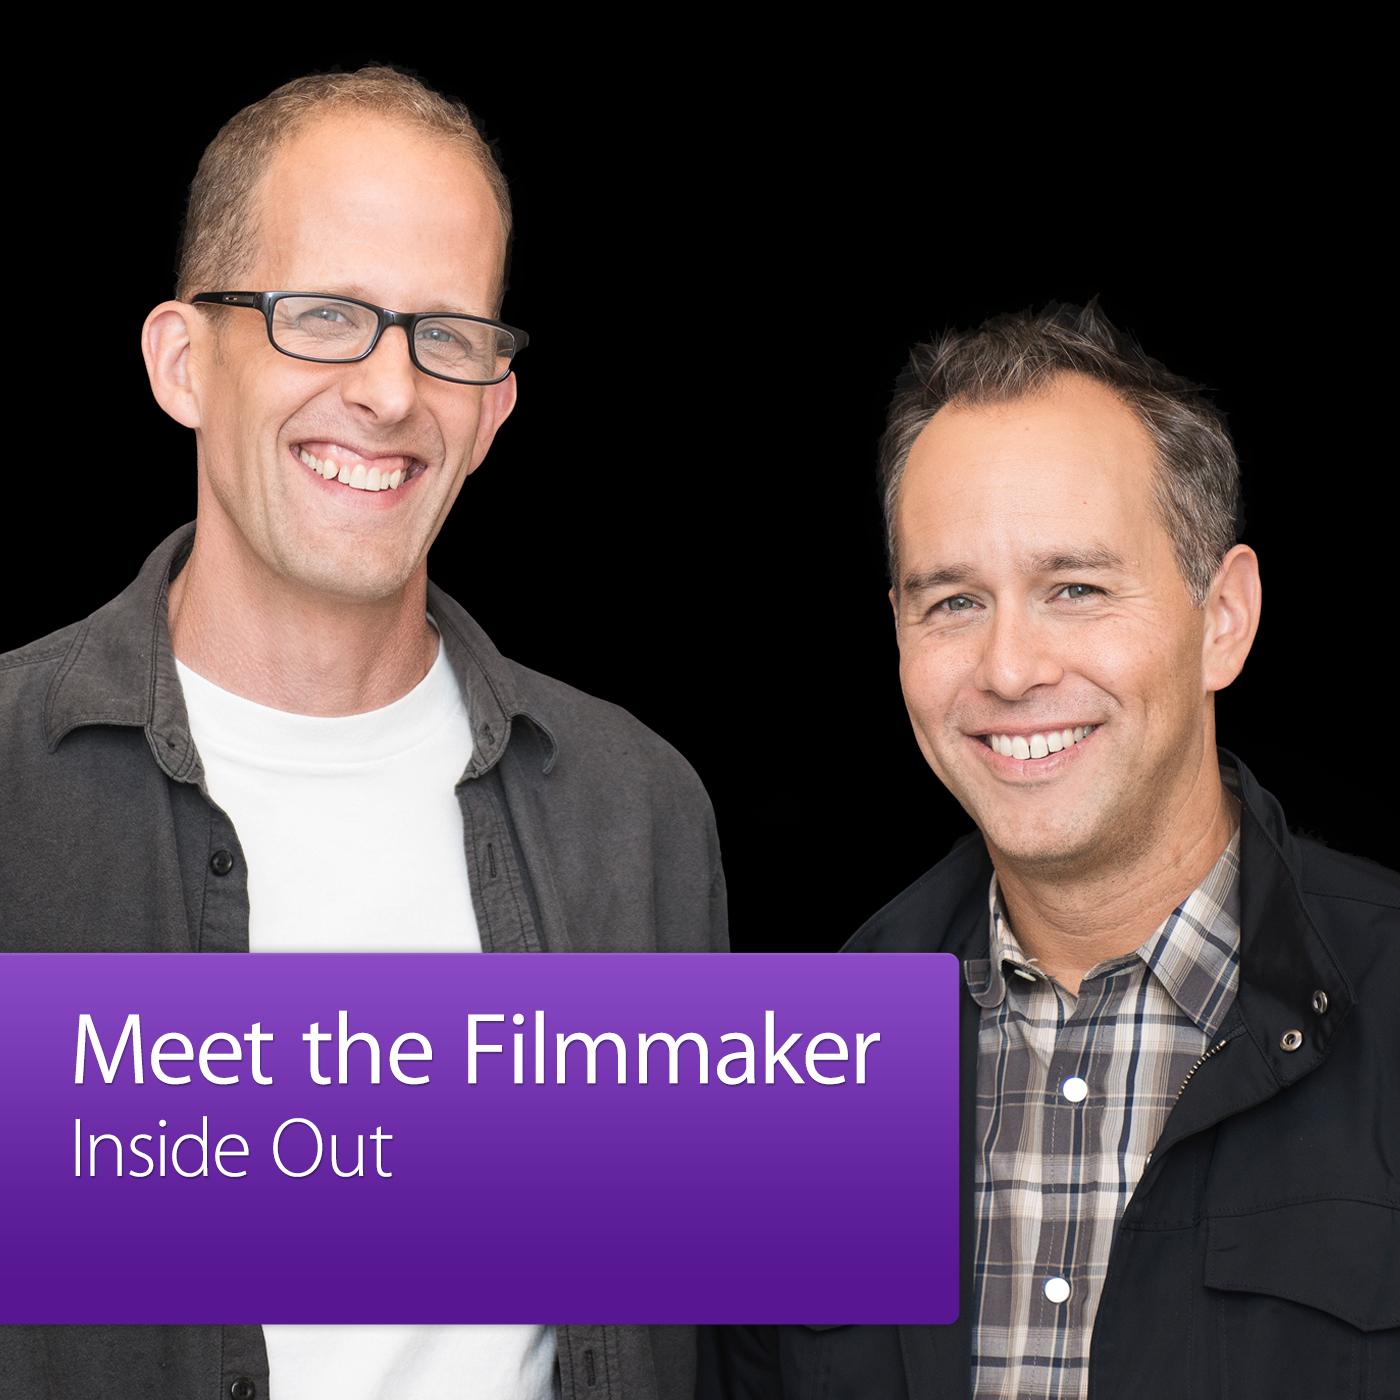 Disney•Pixar Inside Out, Meet the Filmmakers